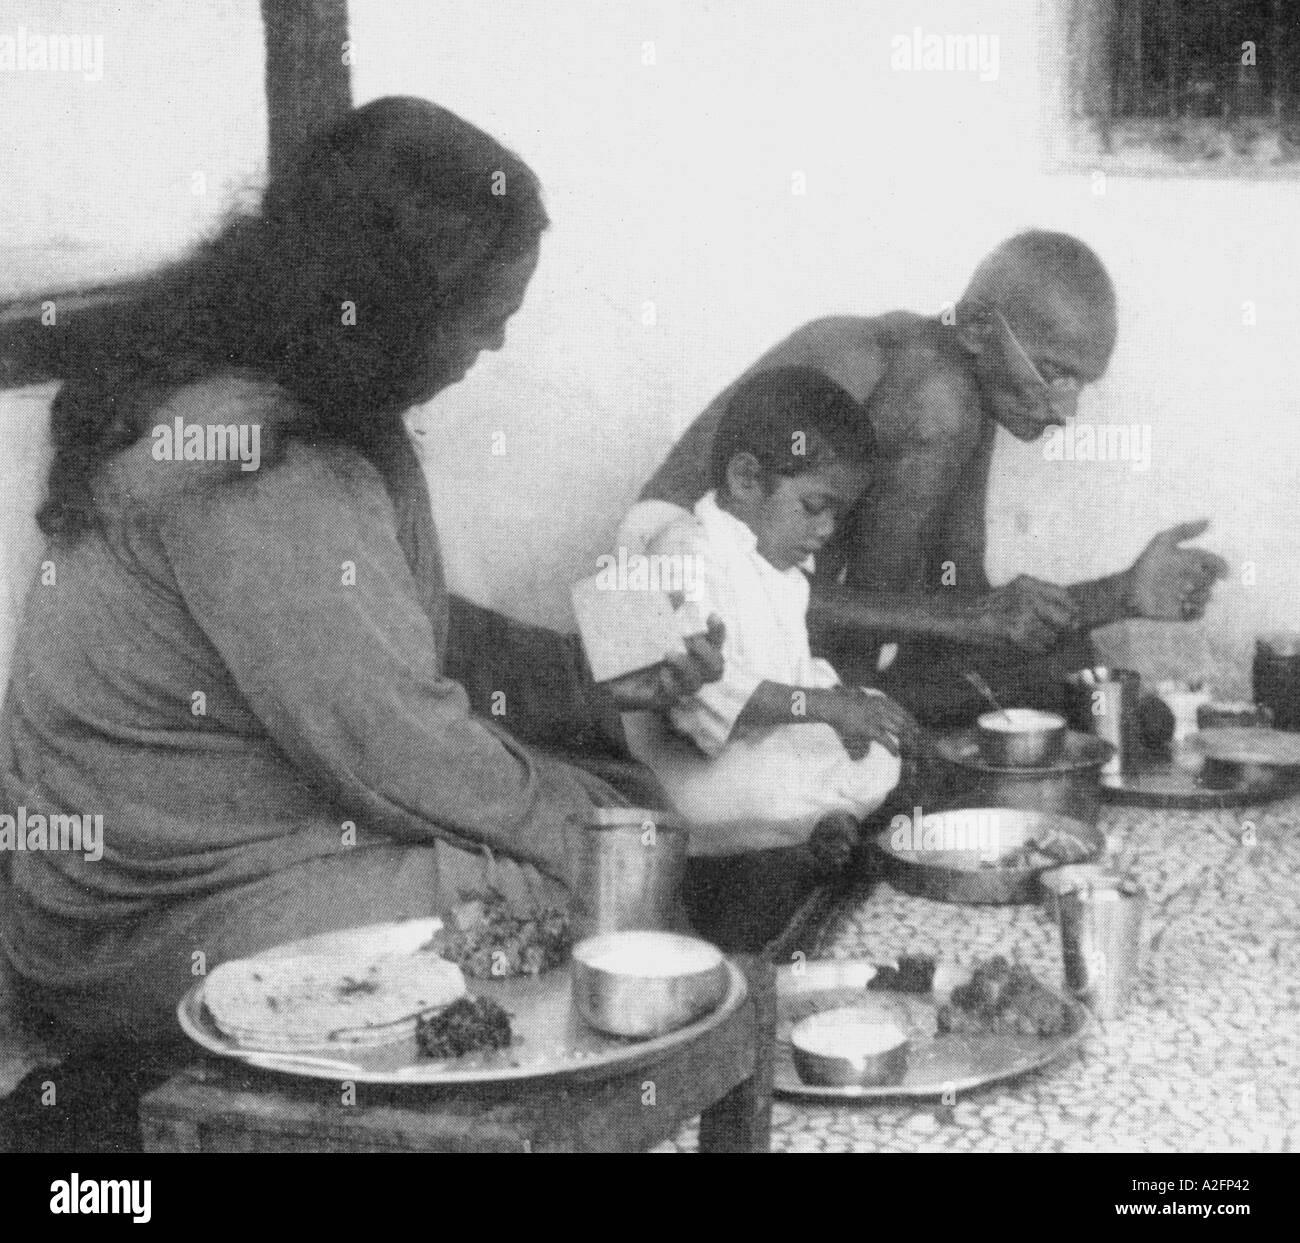 Swami Paramhansa Yogananda mangiare da un thali e lettura di una nota che il Mahatma Gandhi ha scritto Sewagram ashram in India - mkg 33396 Immagini Stock